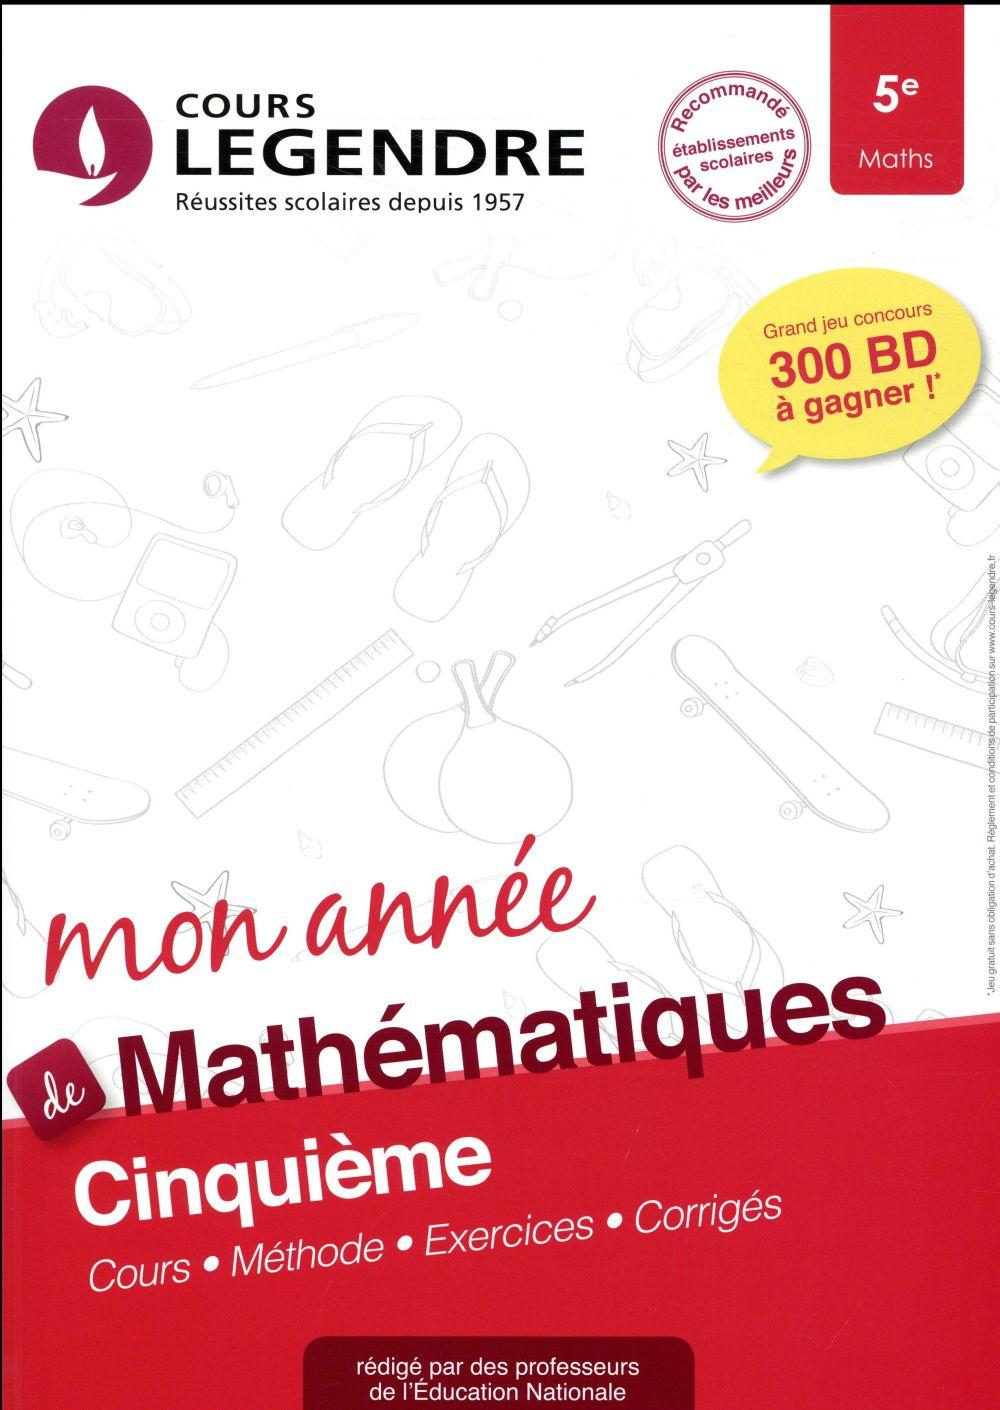 Cours Legendre ; mathématiques ; 5e mon année (édition 2018)